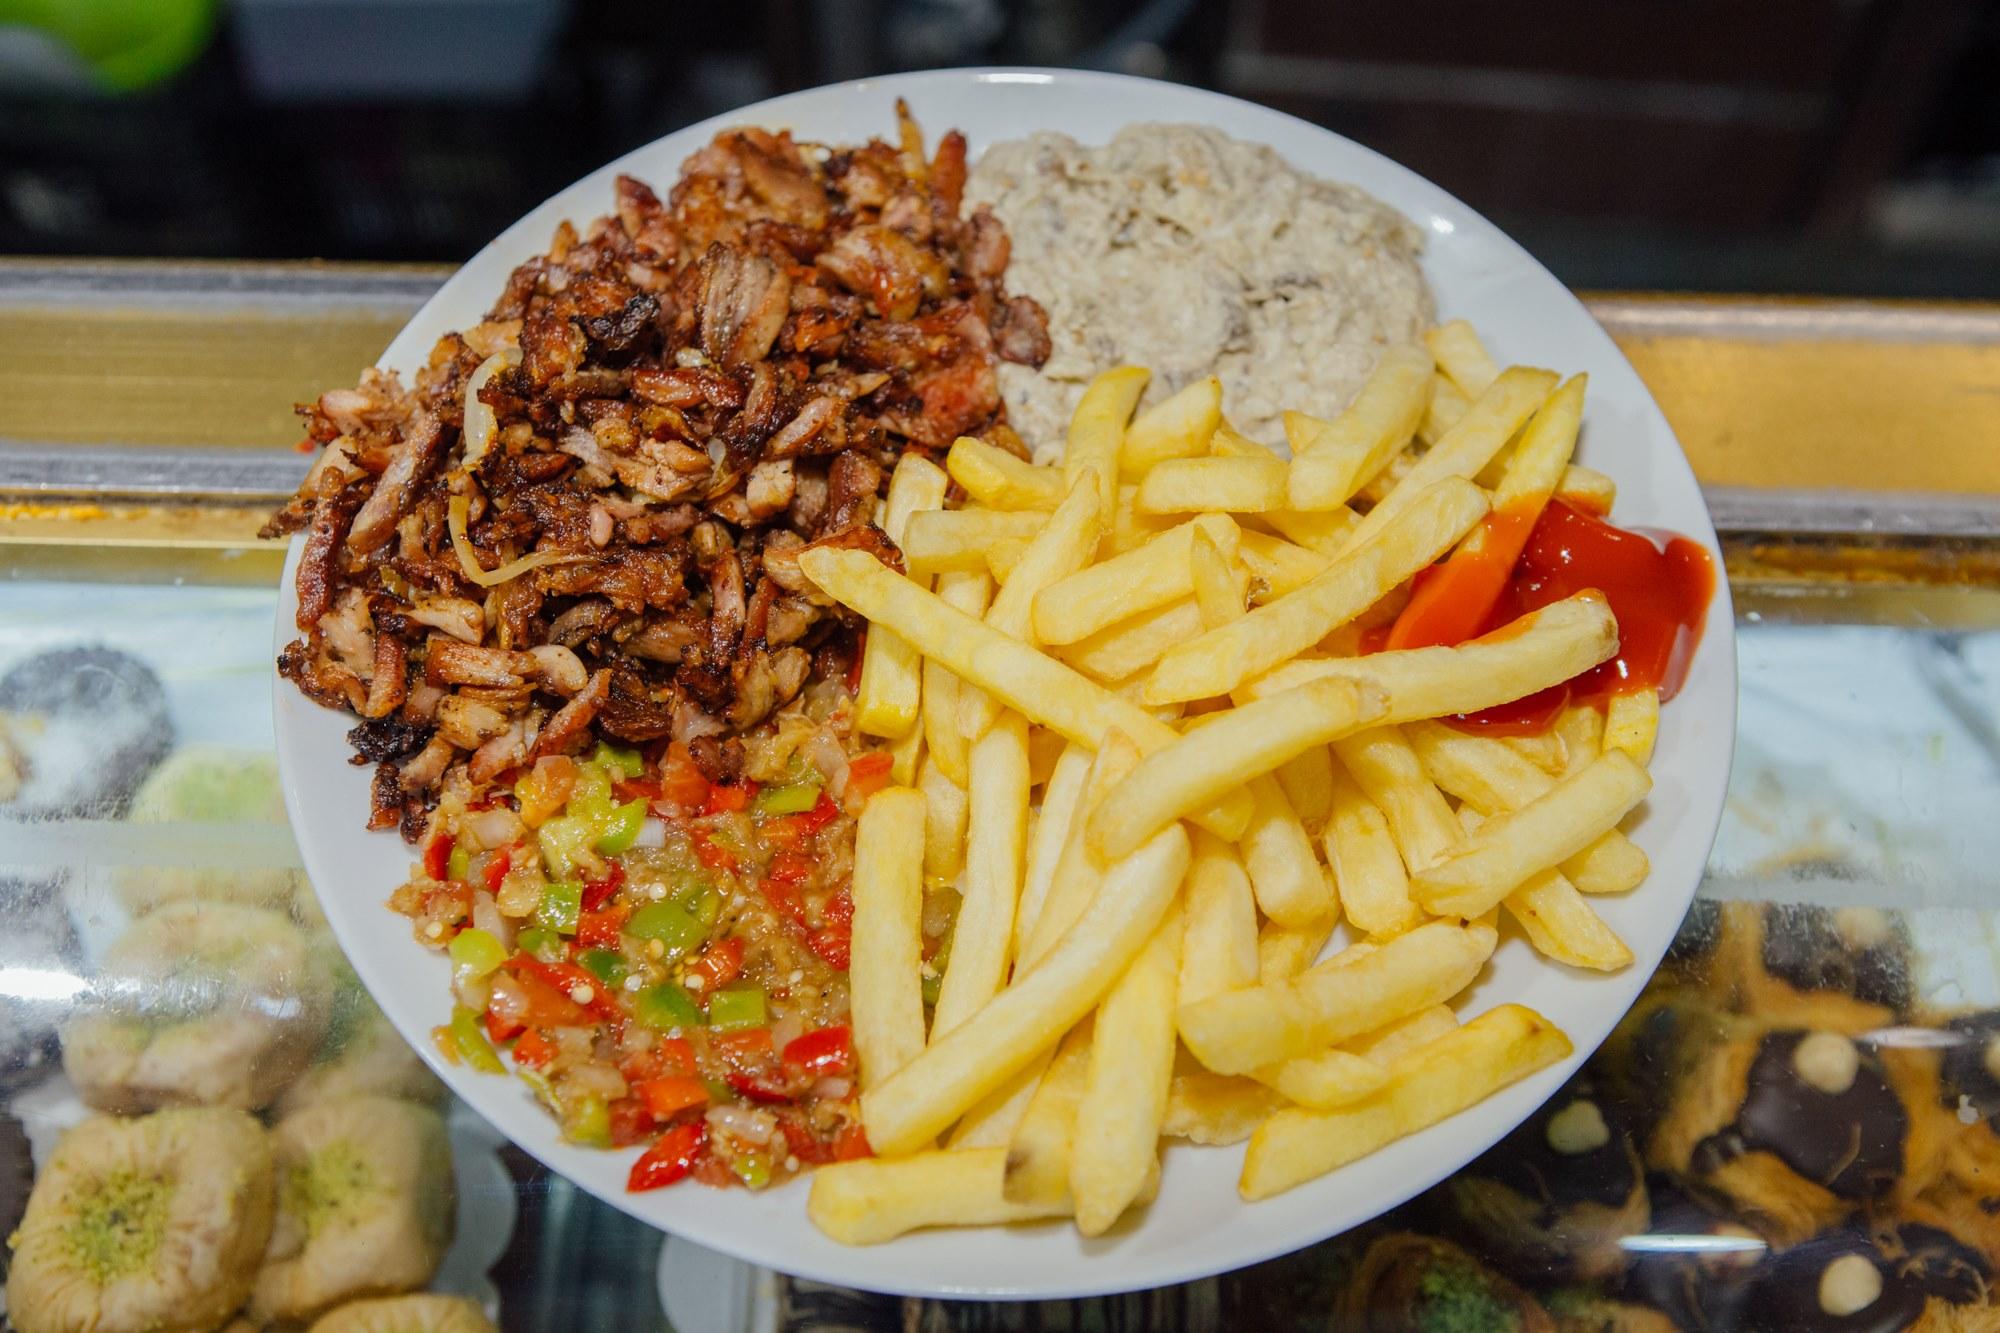 Plato de carne, ensalada de pimientos, baba ganoush (crema de berenjena) y patatas fritas.